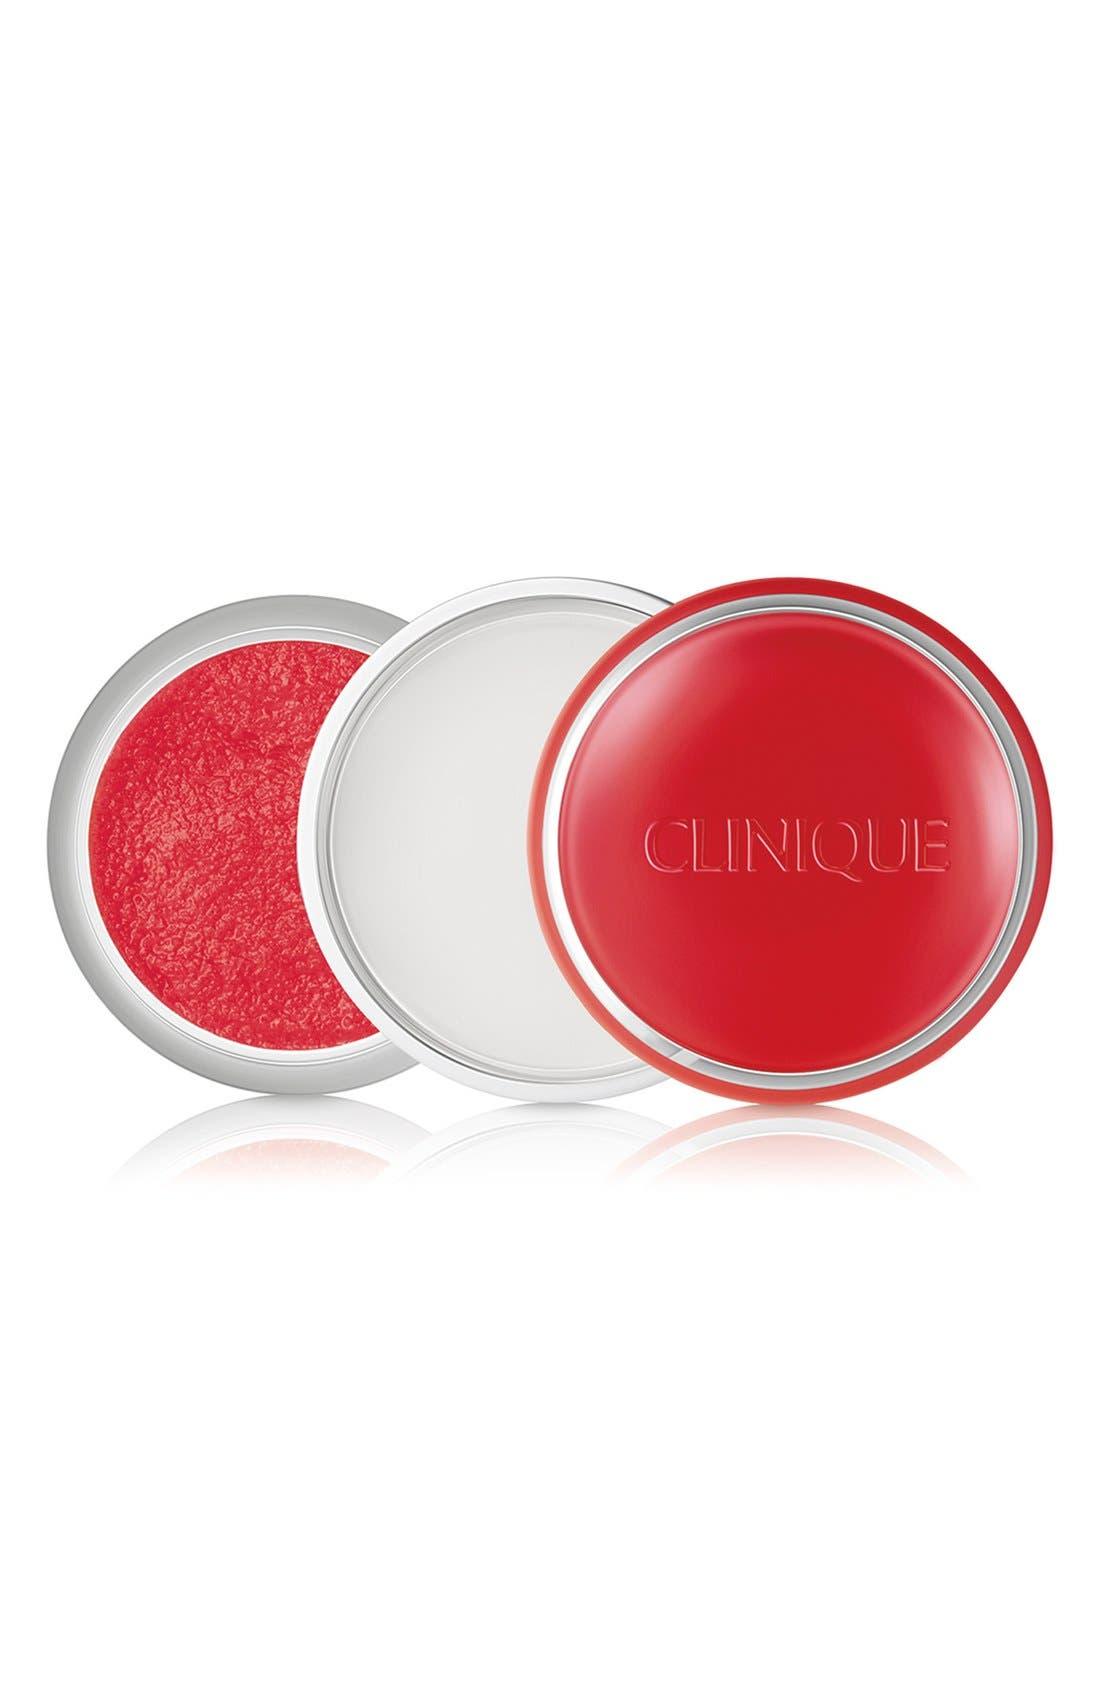 Clinique 'Sweet Pots' Sugar Scrub & Lip Balm